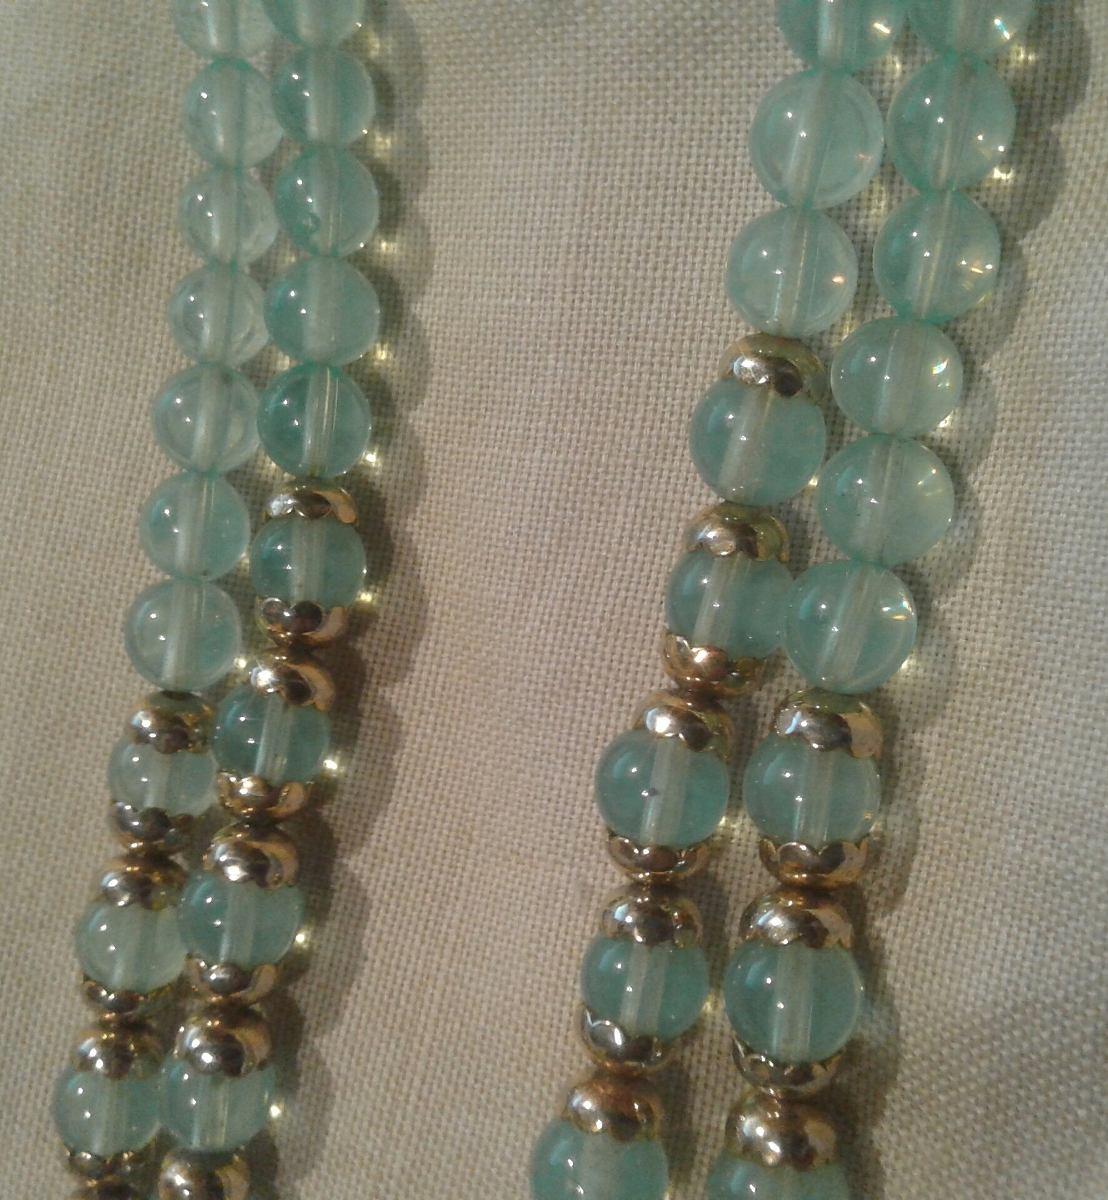 217612393306 collar perlas cristal murano verde jade oro dorado broche. Cargando zoom.